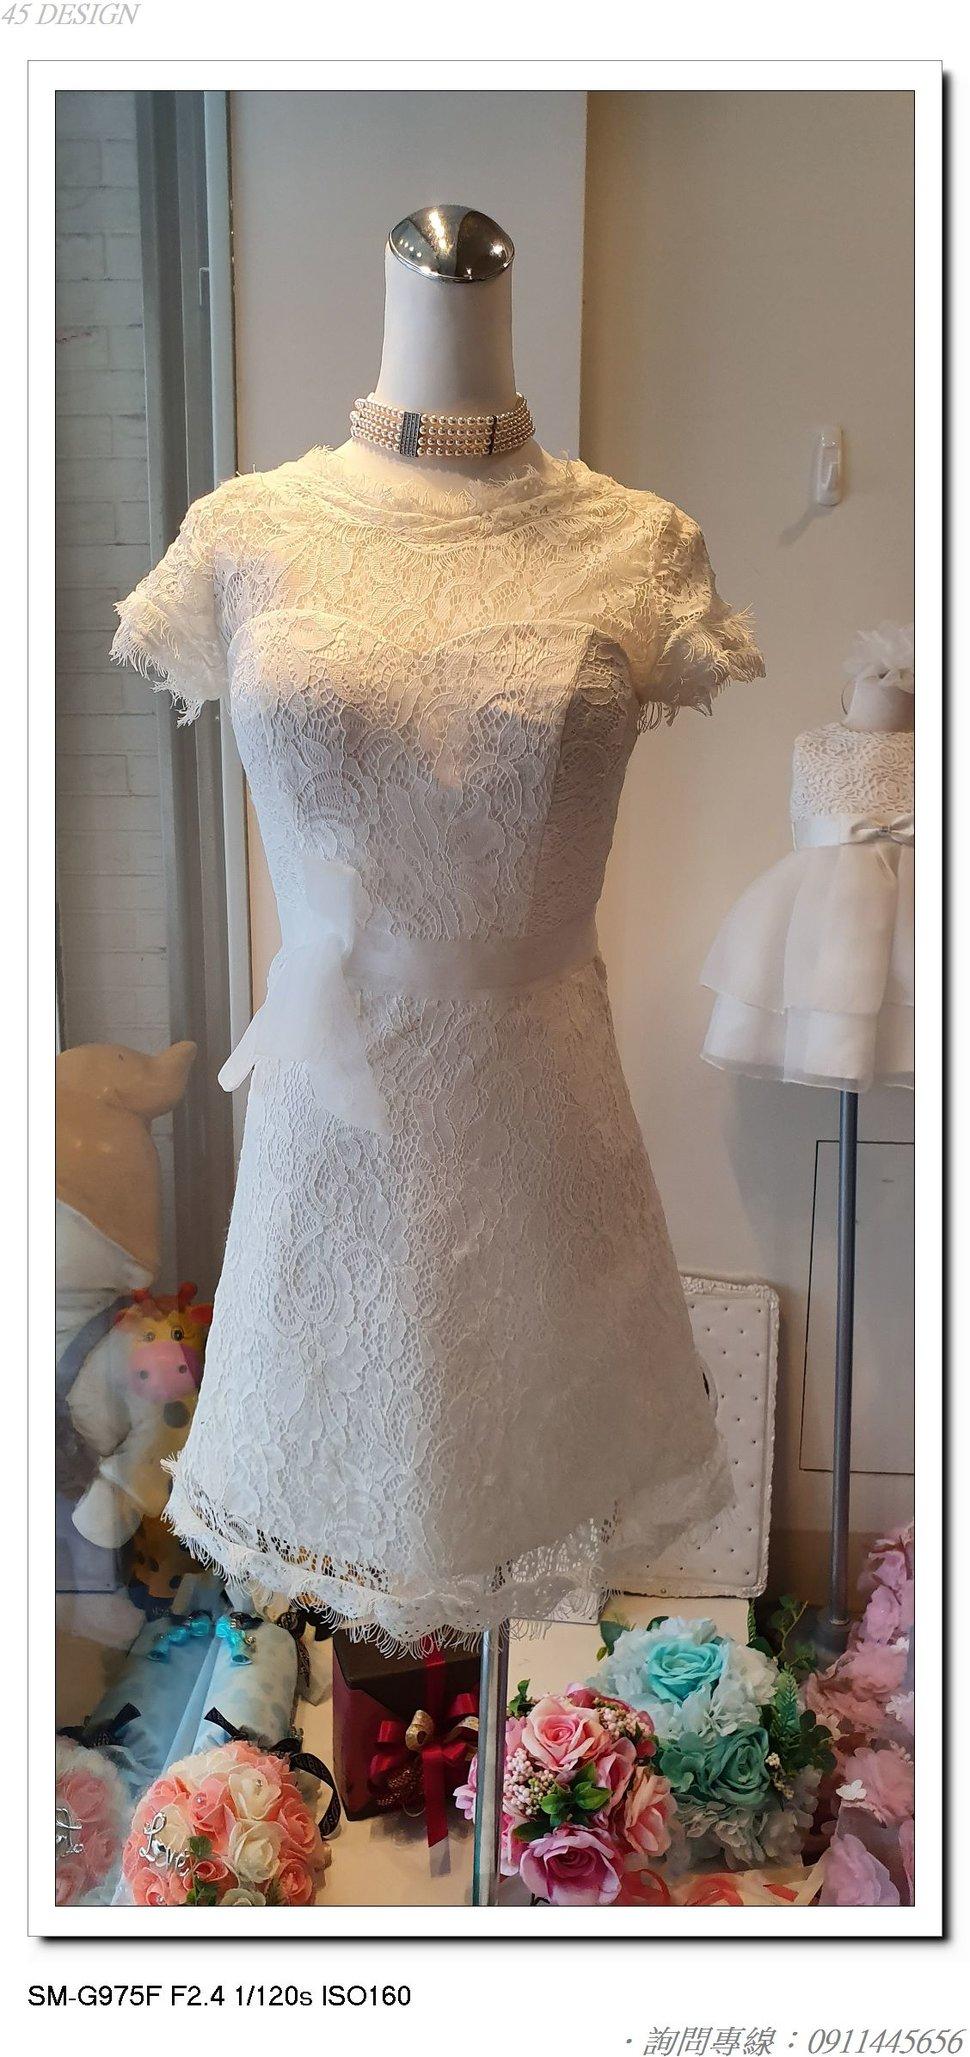 20200214_151043 - 全台最便宜-45DESIGN四五婚紗禮服《結婚吧》